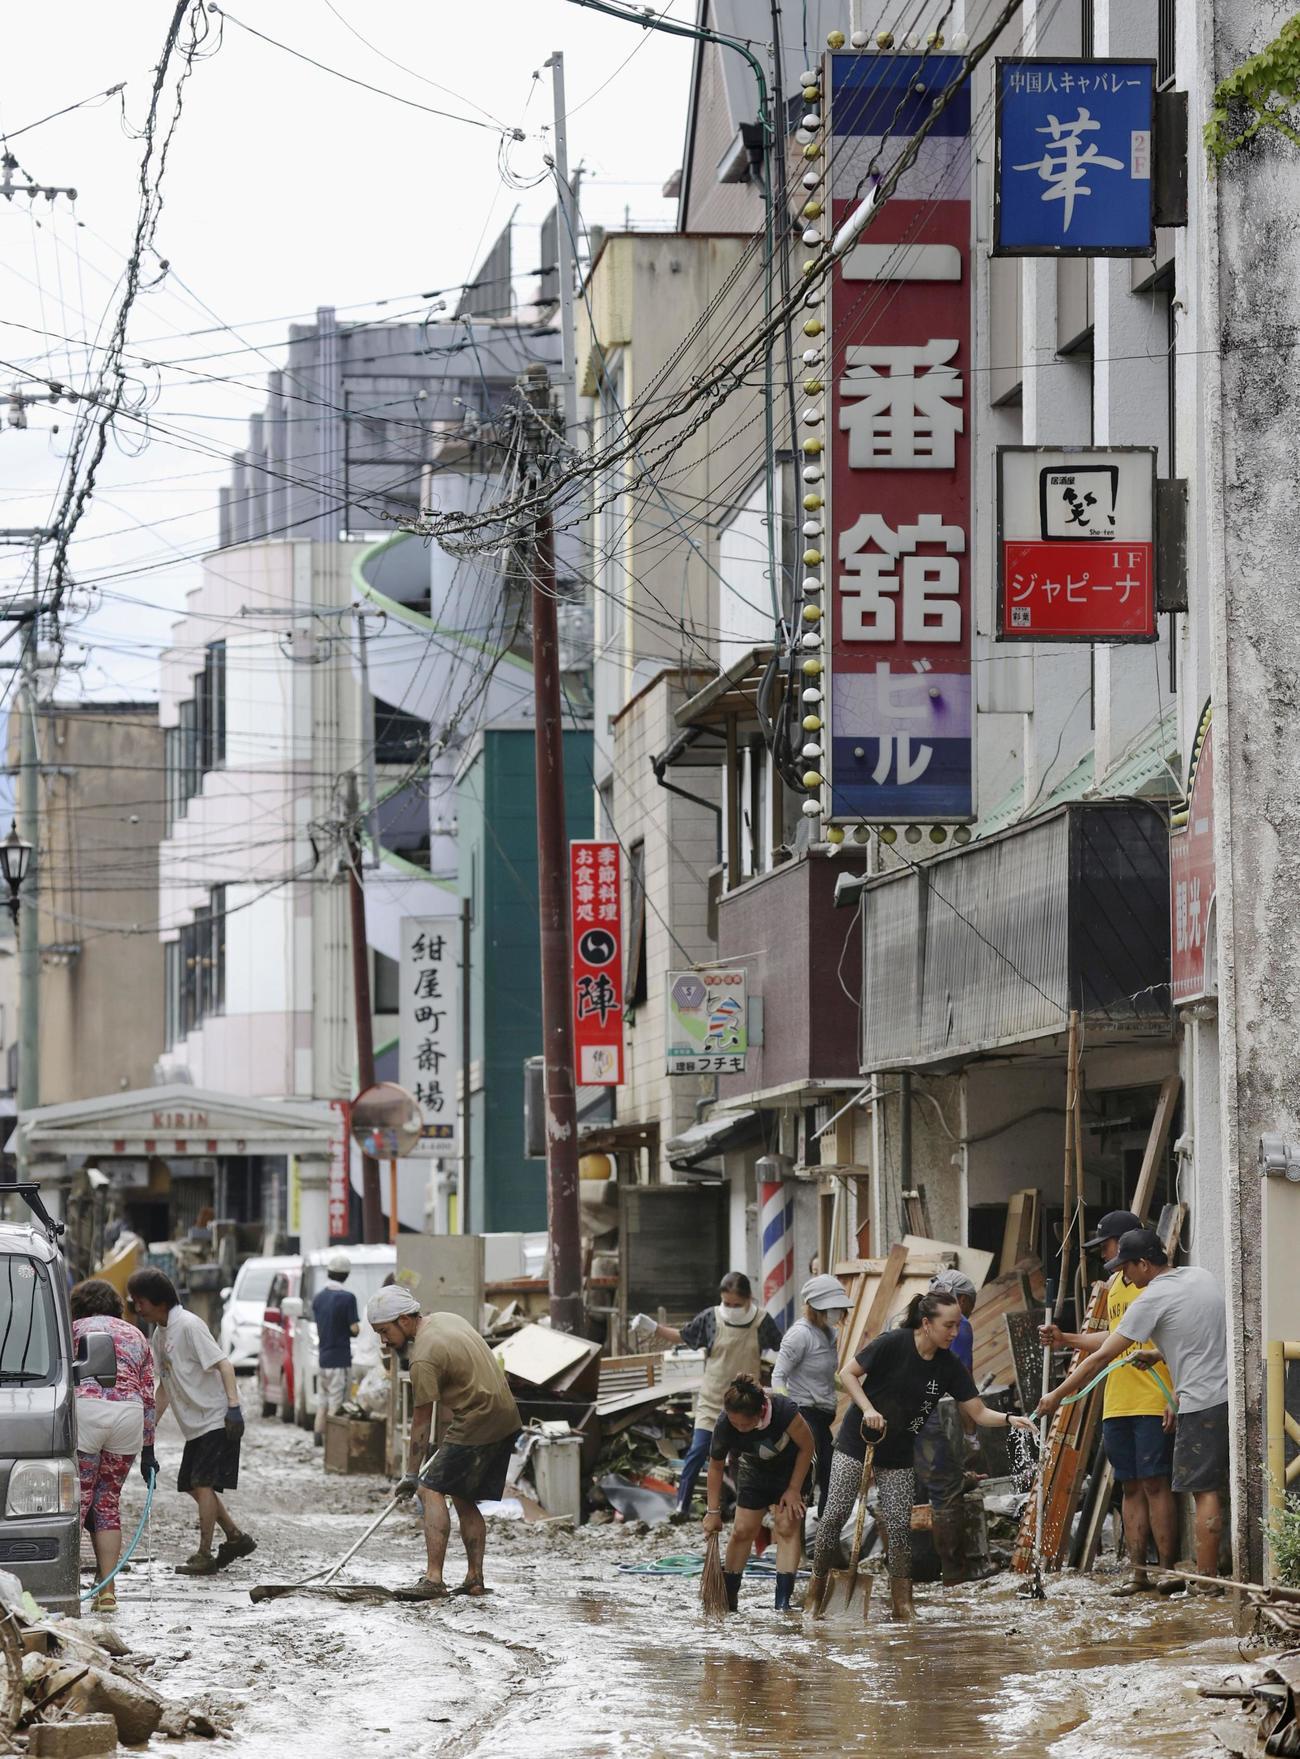 浸水被害のあった熊本県人吉市の市街地で片付けをする人たち(共同)